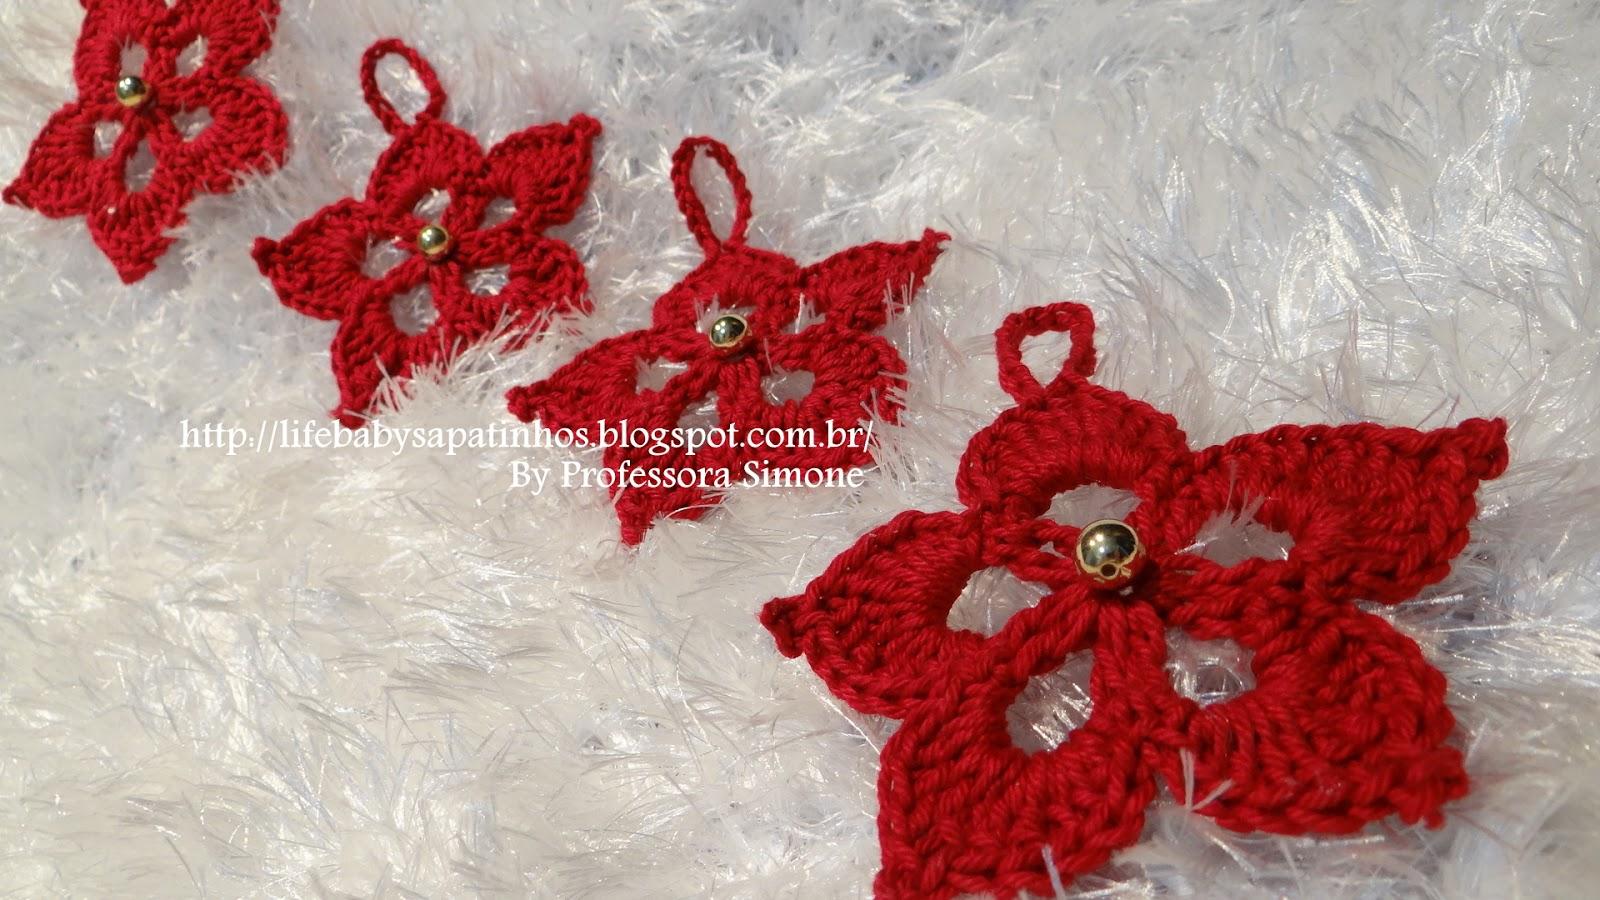 Sapatinhos Para Bebê Life Baby: Flor de Natal Pingente para Arvore #450704 1600x900 Balança De Banheiro G Life